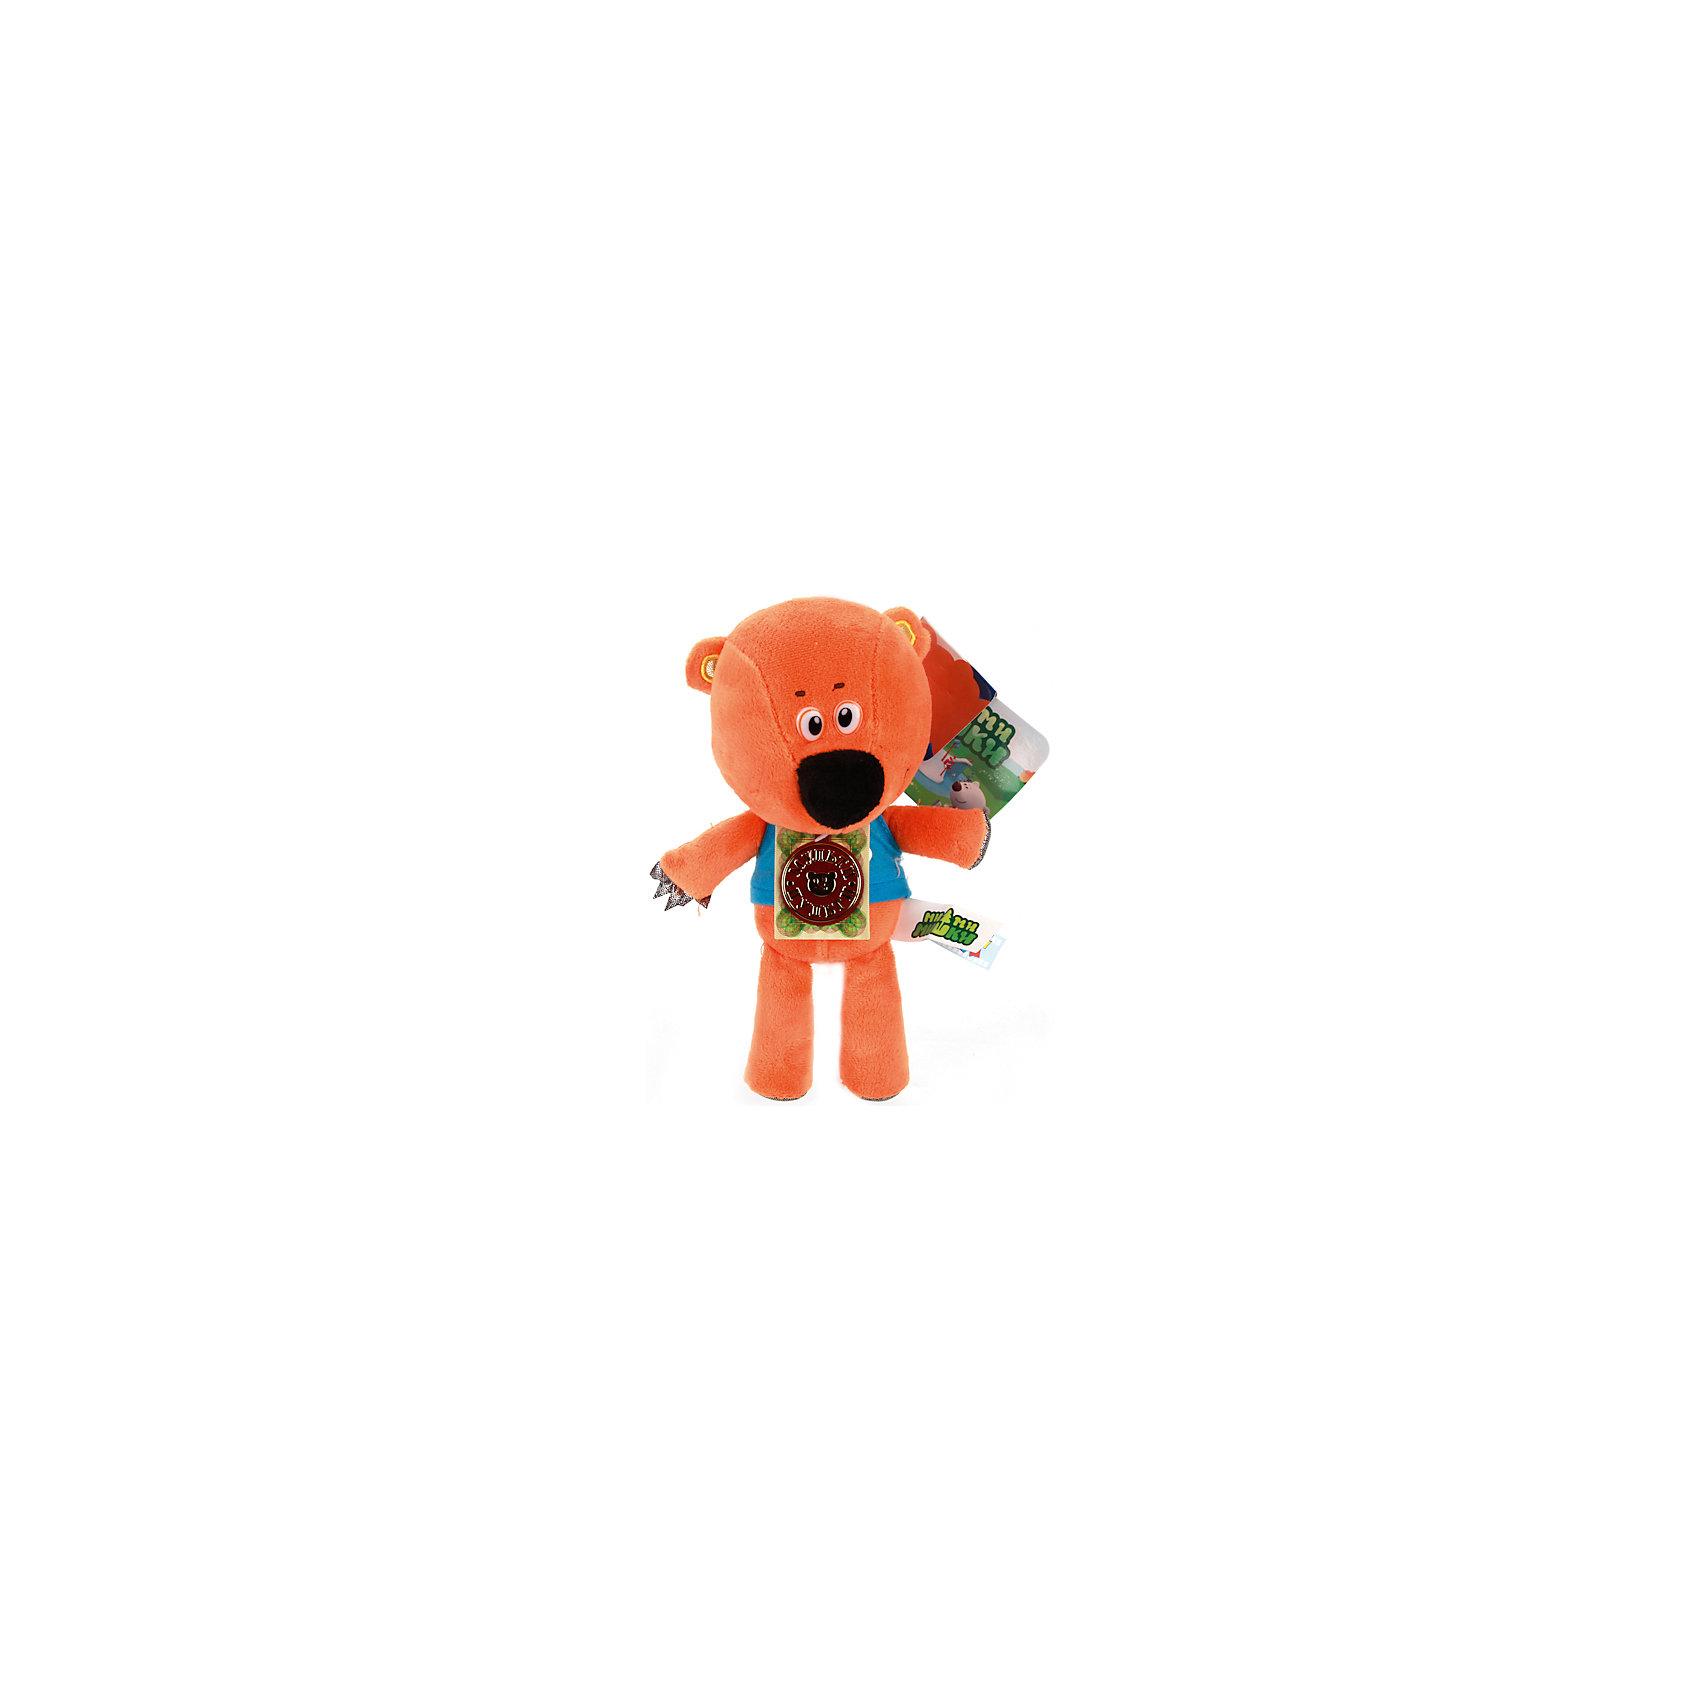 МУЛЬТИ-ПУЛЬТИ Мягкая игрушка Медвежонок Кешка, 20 см, Мульти-Пульти мульти пульти мягкая игрушка серый мышонок 23 см со звуком кот леопольд мульти пульти